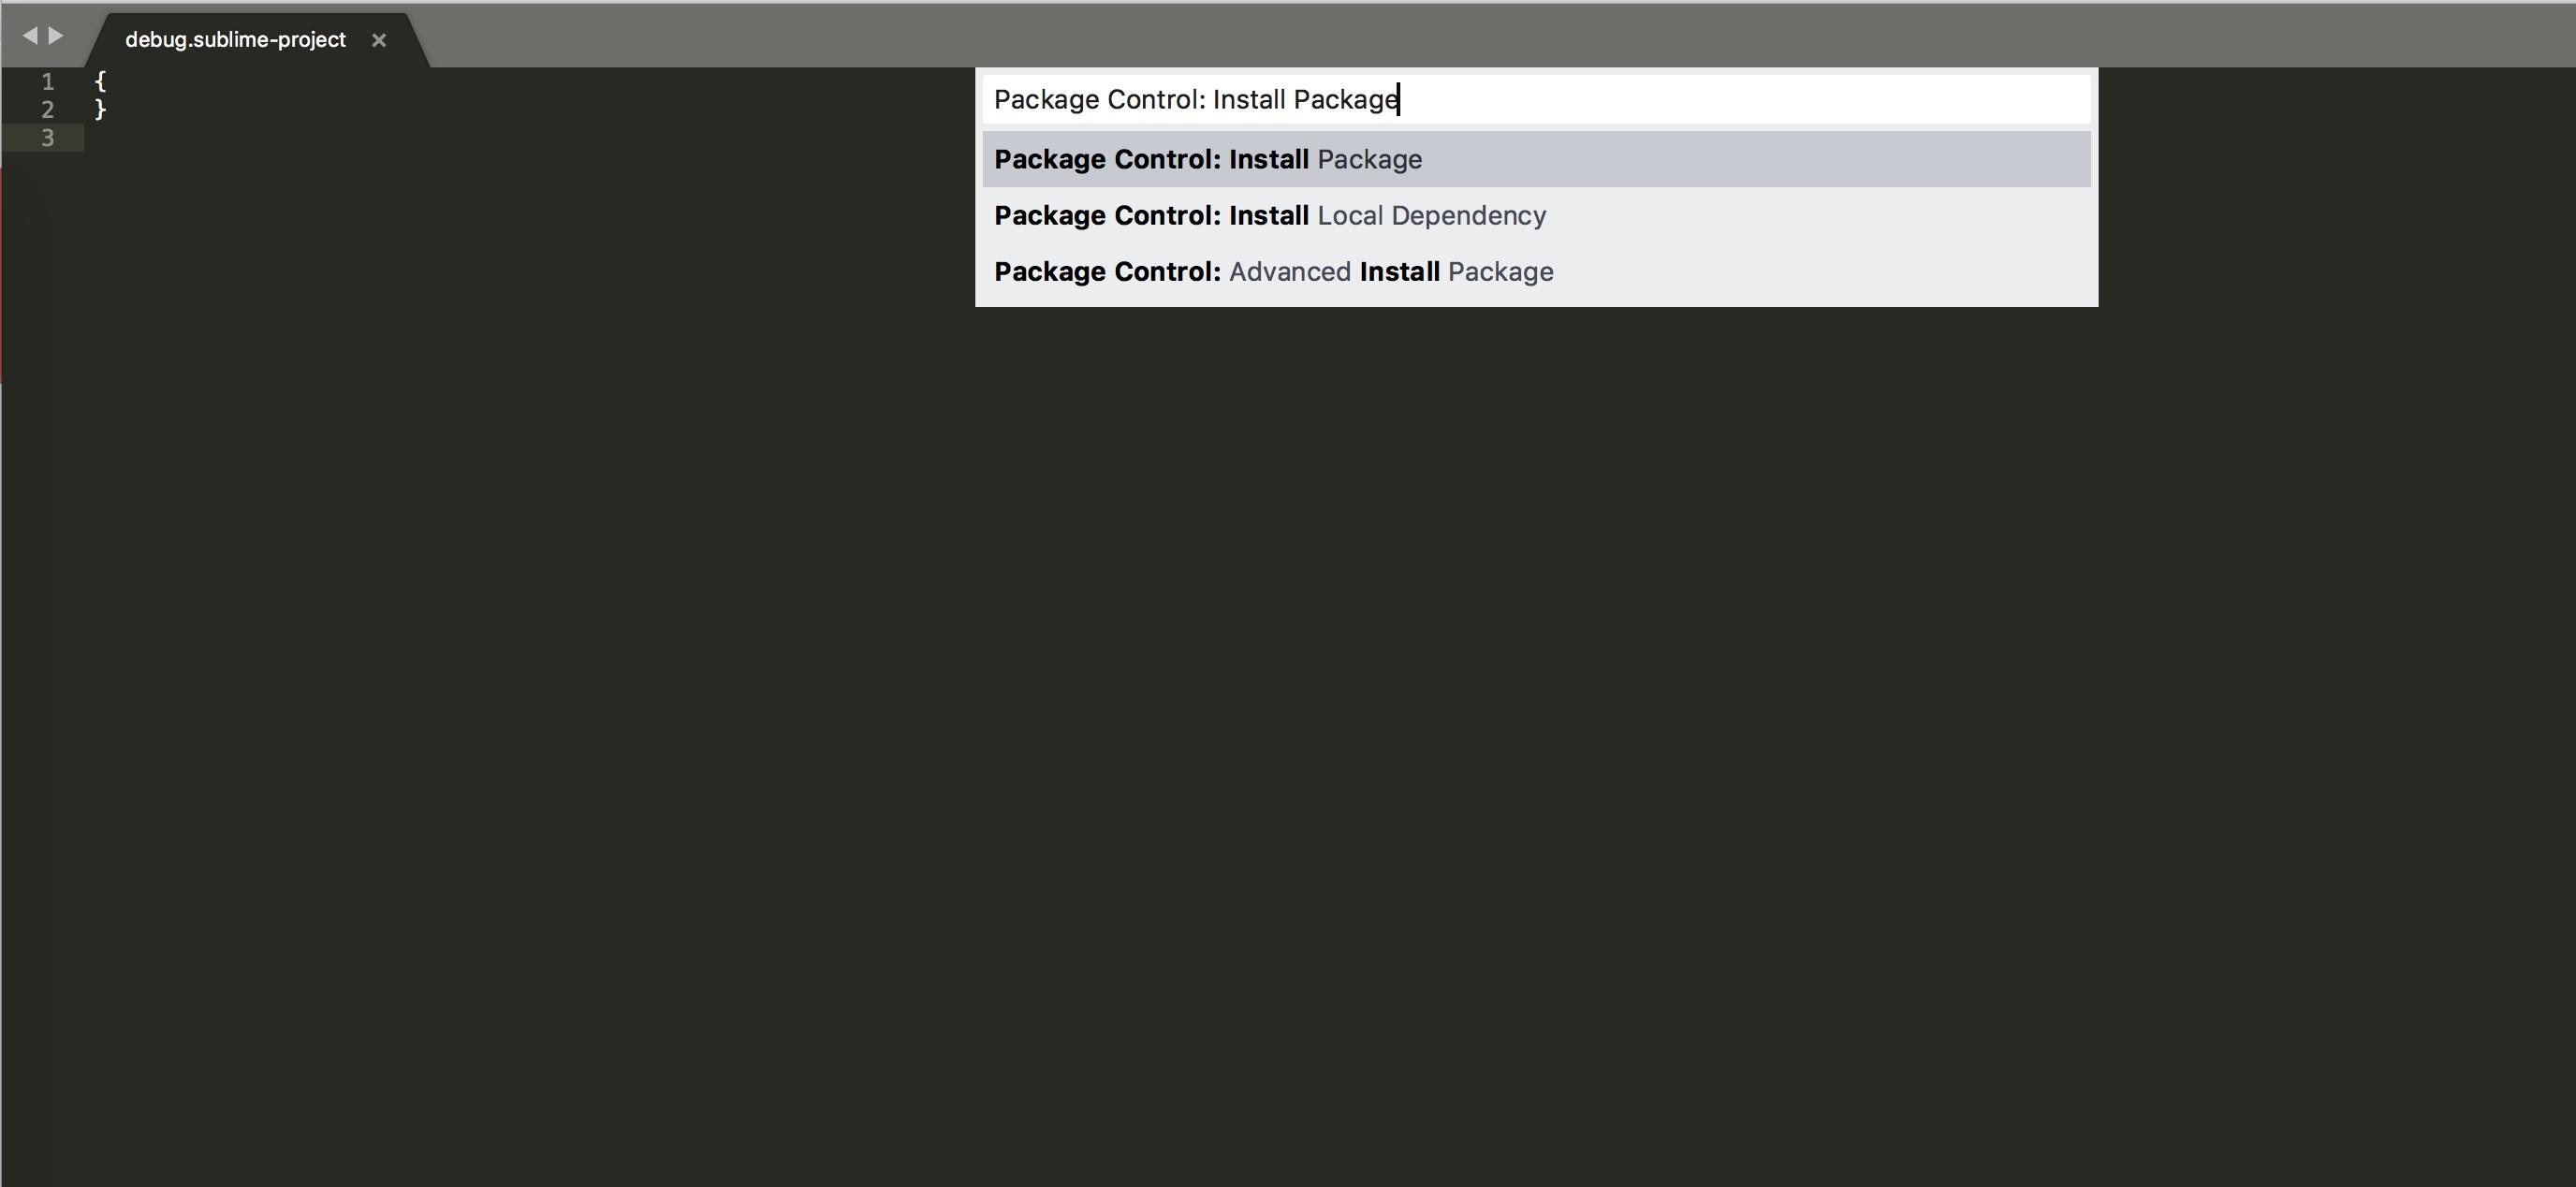 Debugging Joomla with SublimeText and Xdebug